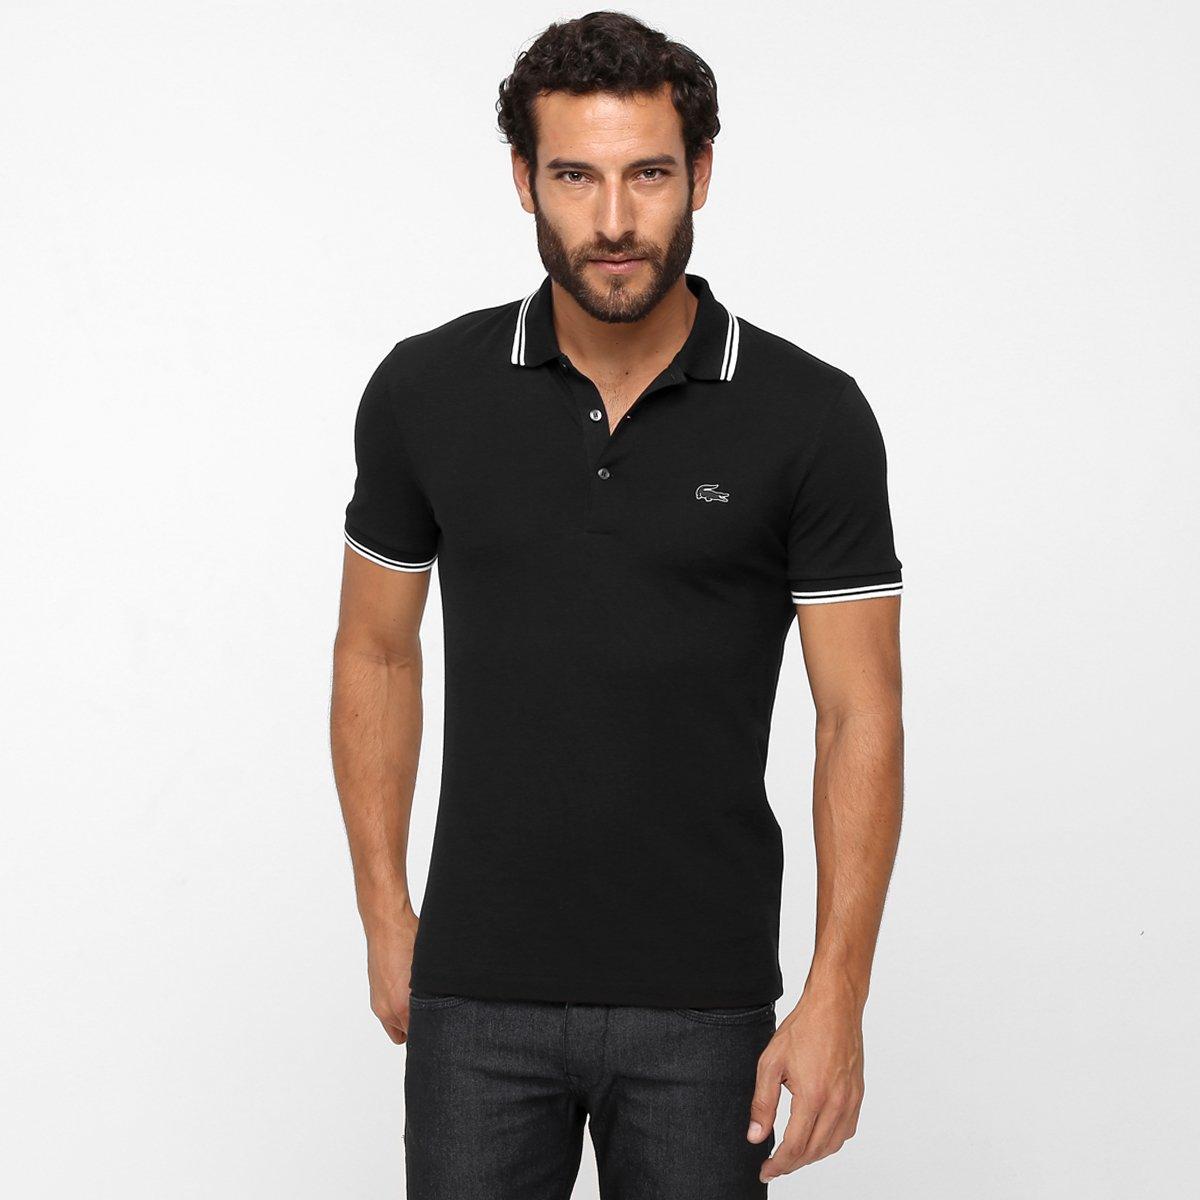 e3a8ad1769b25 Camisa Polo Lacoste Piquet Pima Slim Fit - Compre Agora